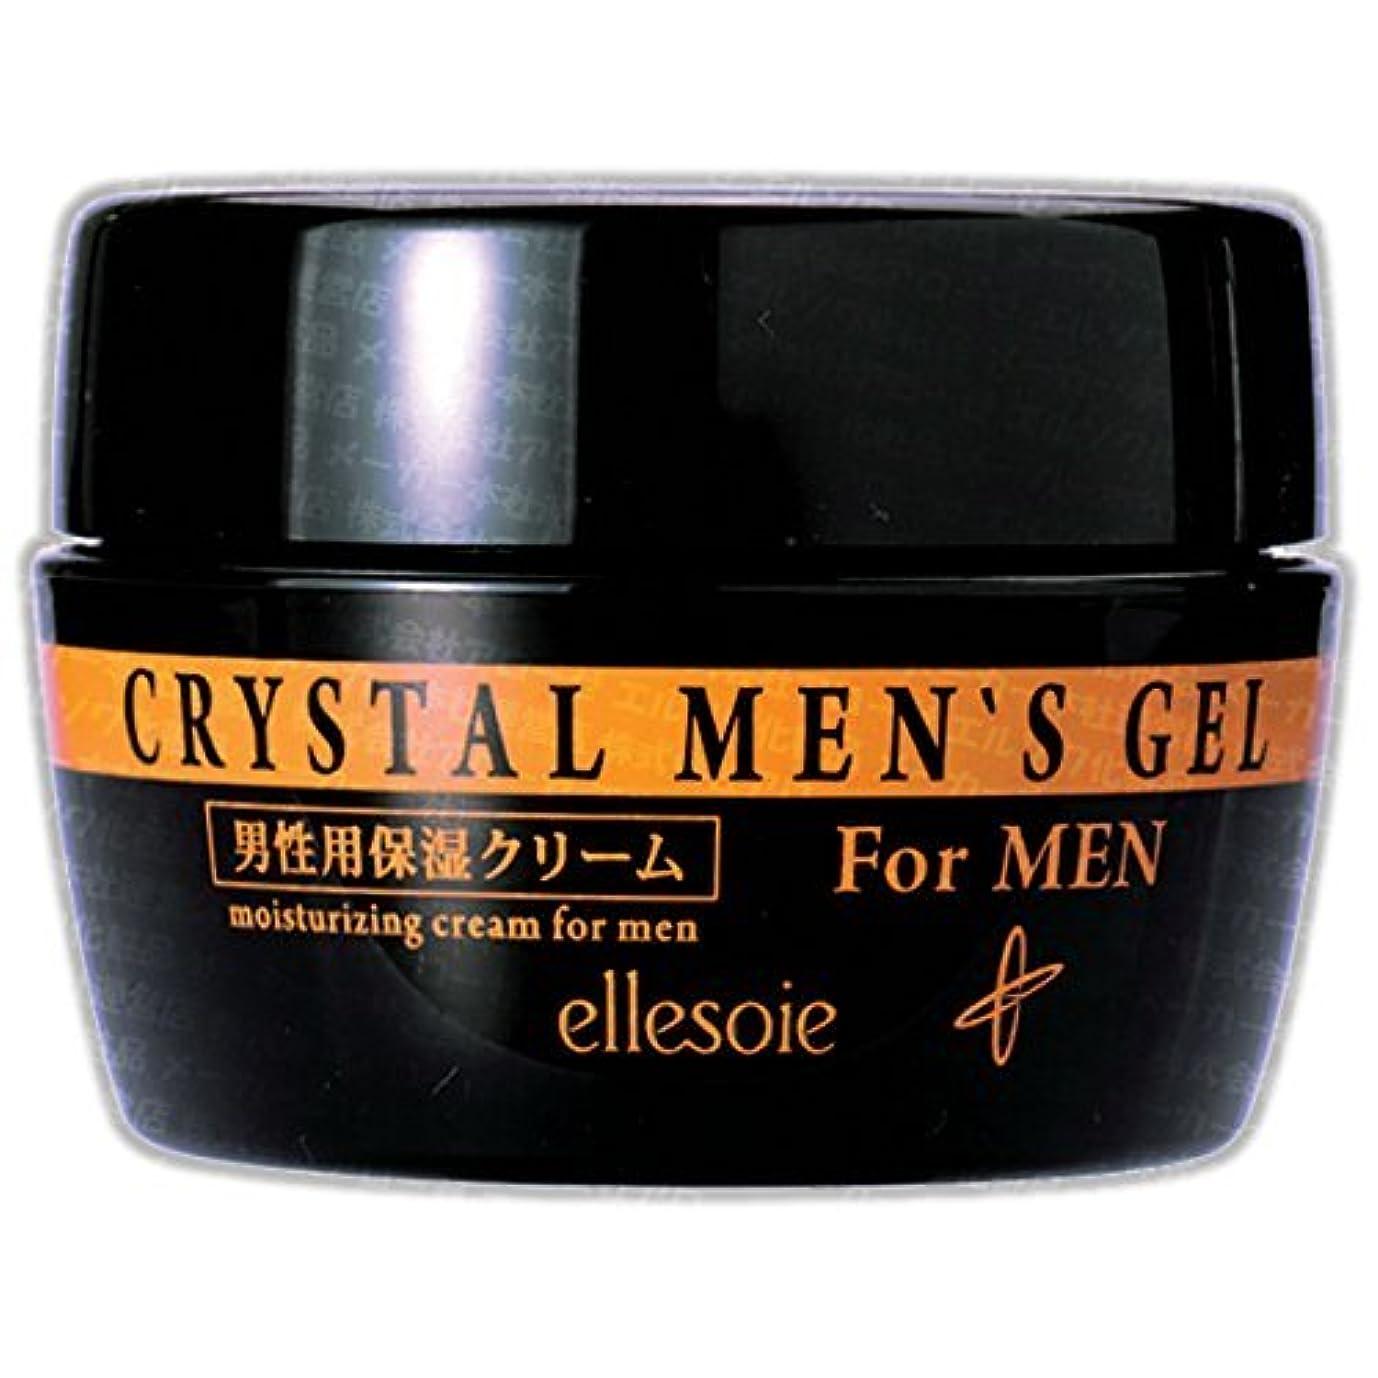 シャトル改修寝るエルソワ化粧品(ellesoie) クリスタル メンズゲル 男性向けオールインワン